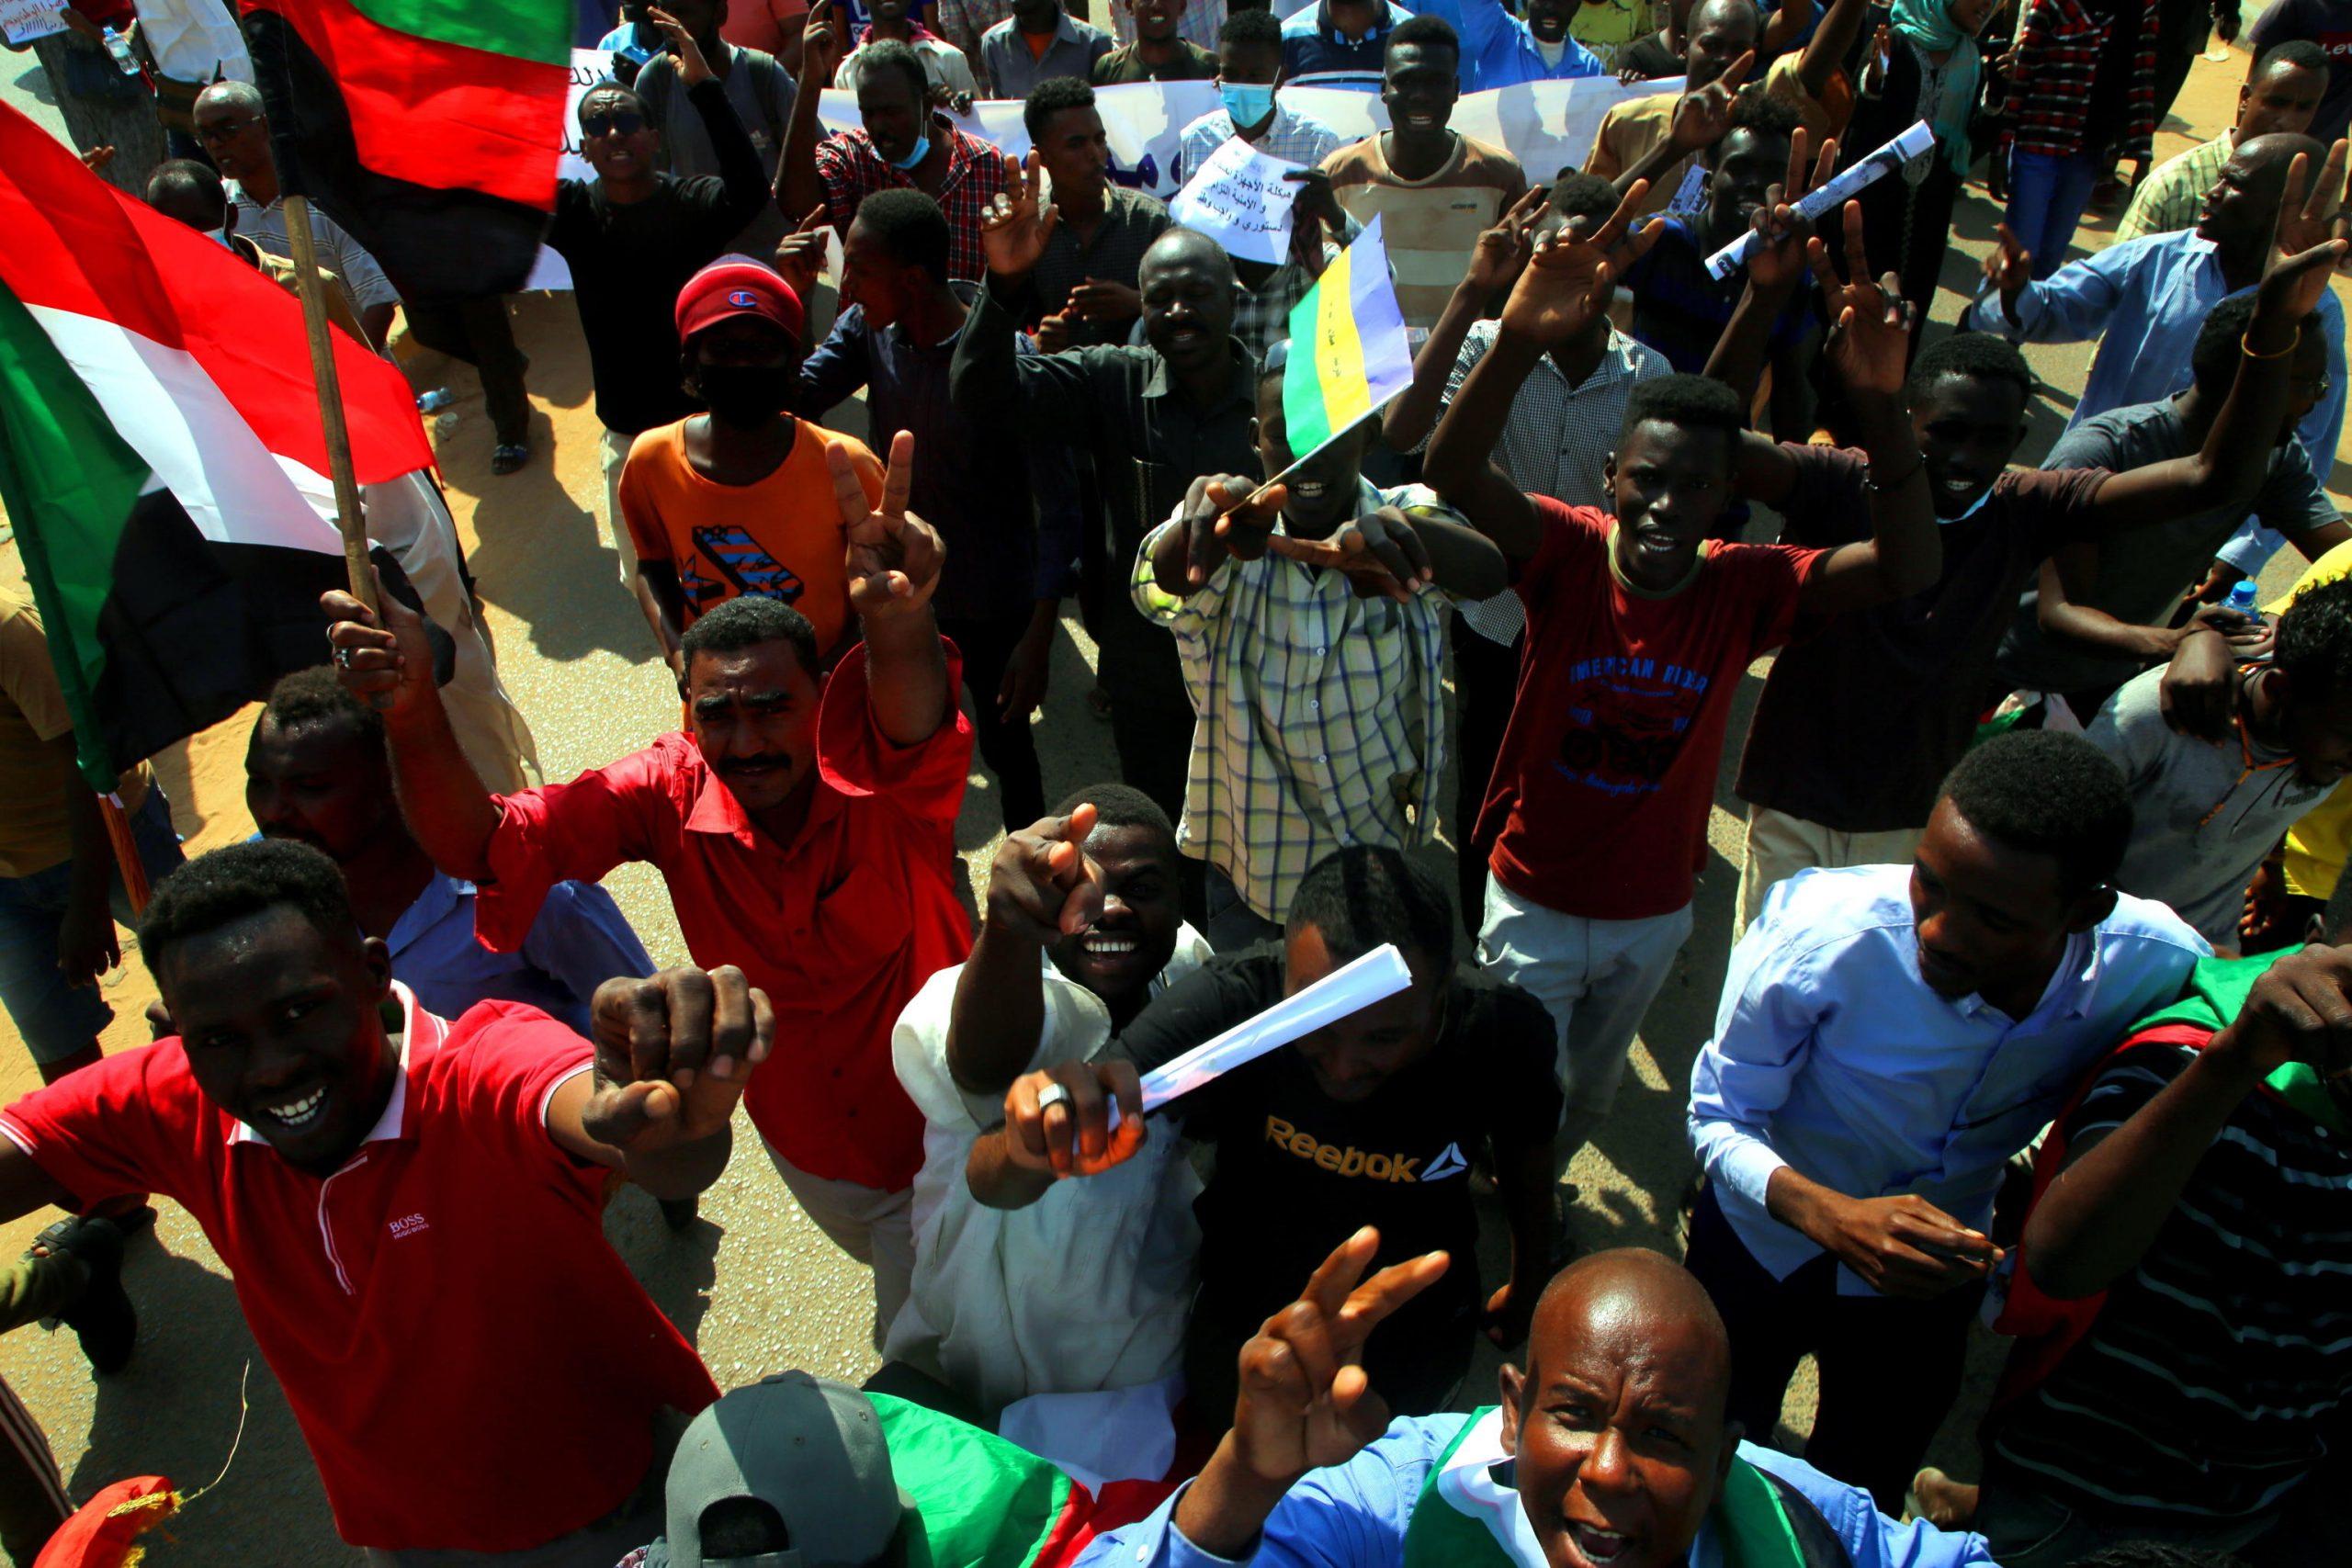 Cosa c'è dietro al colpo di stato in Sudan